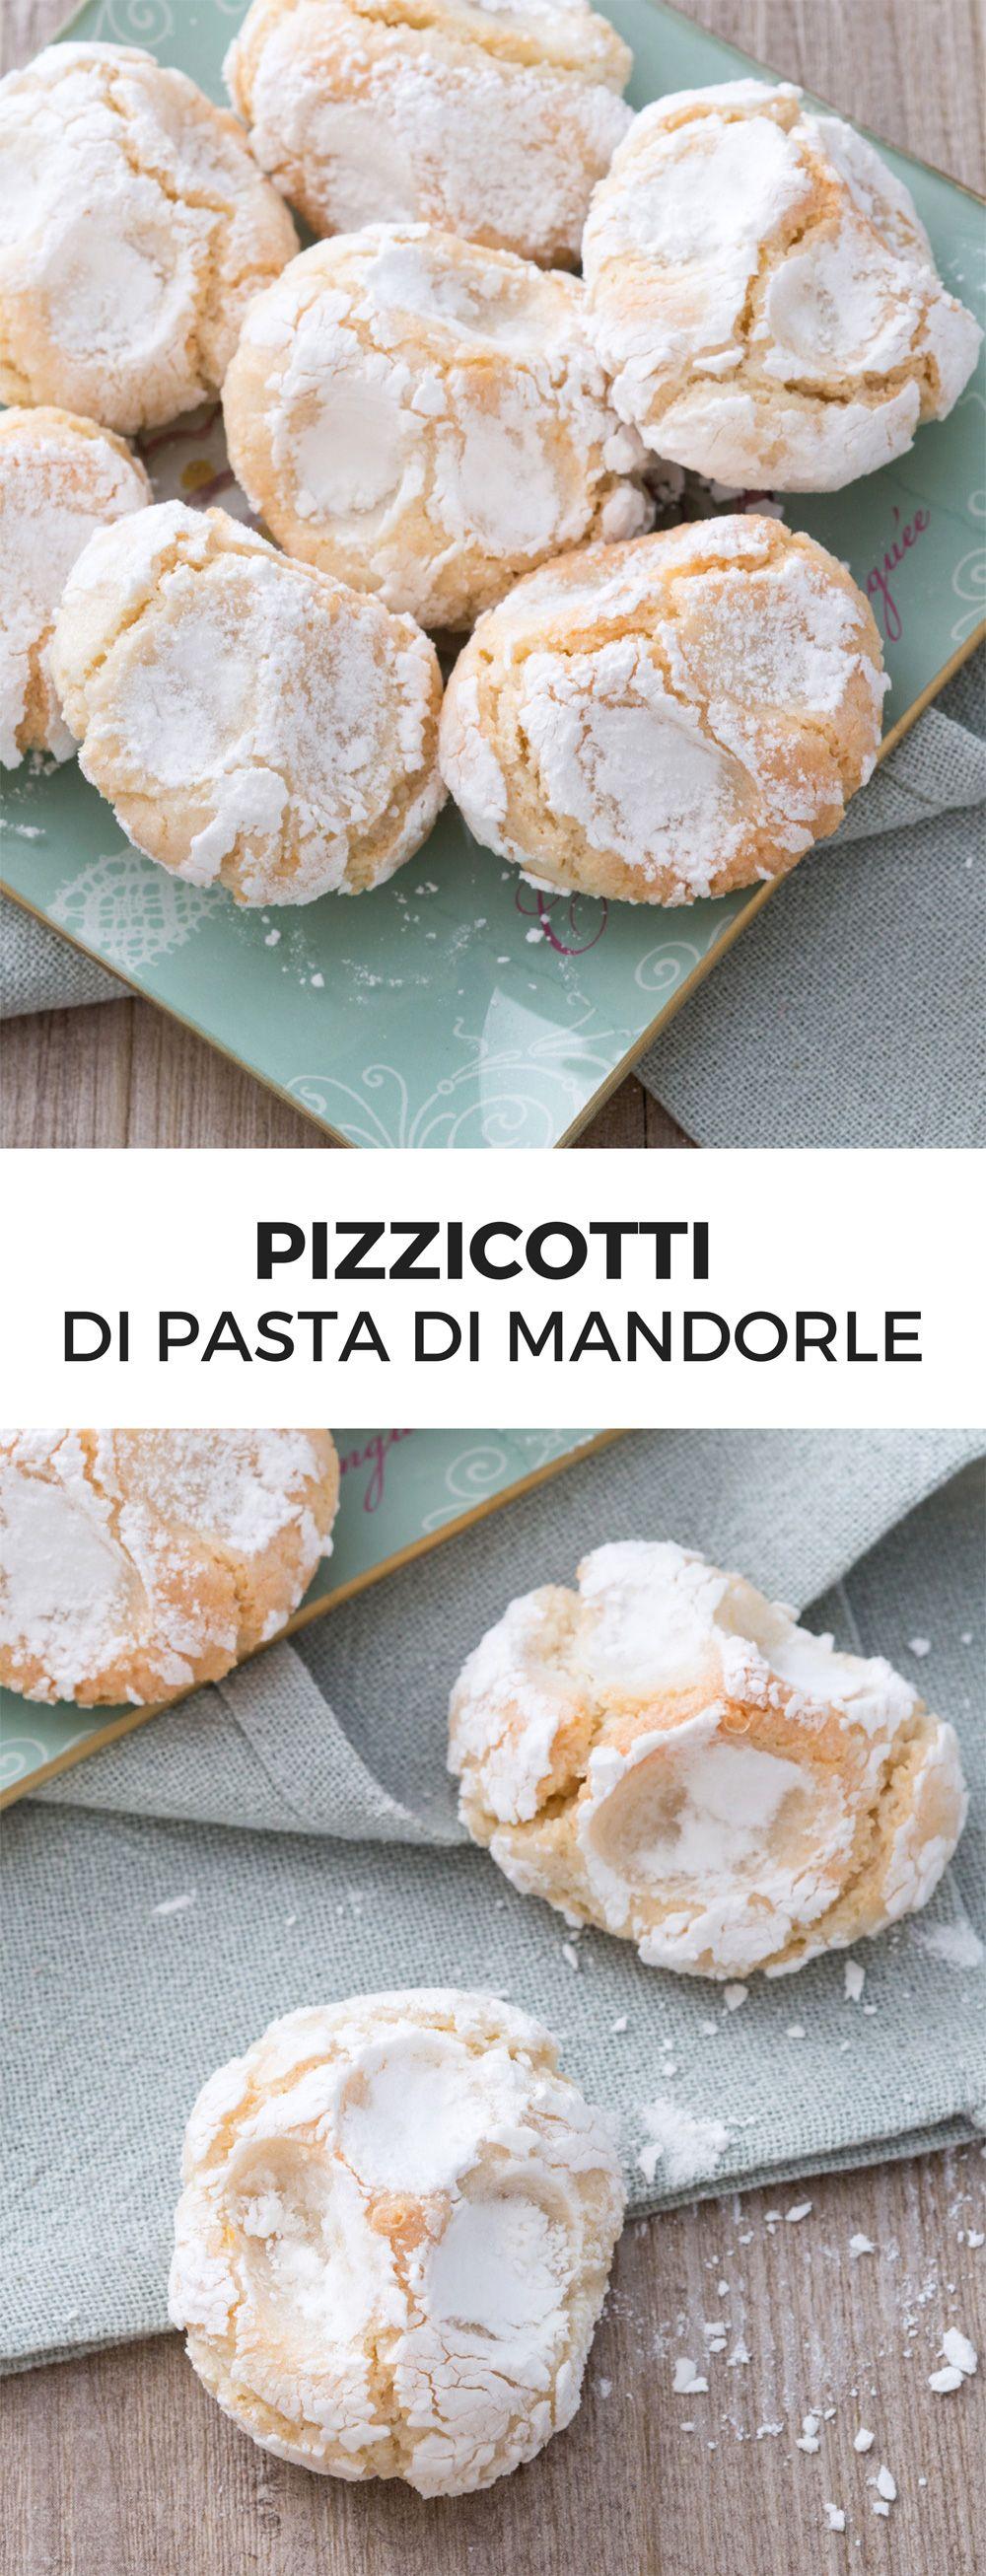 Pizzicotti di pasta di mandorle | Ricetta | Idee X cucinare | Pinterest